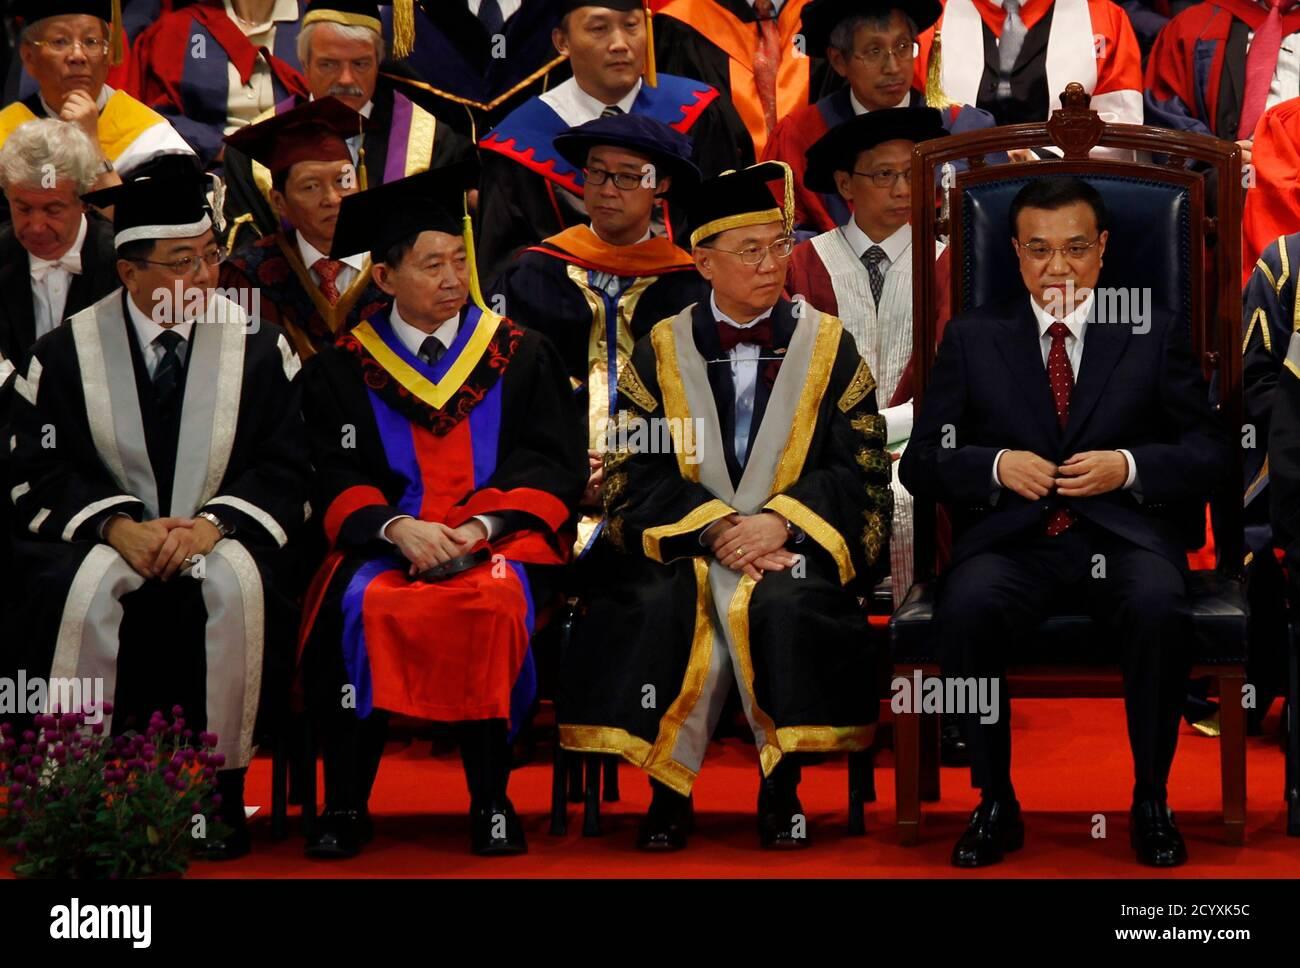 Le vice-premier ministre chinois Li Keqiang (R) siège à côté du chef de l'exécutif de Hong Kong Donald Tsang (2e R) et du vice-chancelier de l'Université de Hong Kong Tsui Lap-chee (L) lors de la cérémonie du centenaire de l'Université de Hong Kong le 18 août 2011. Porteur de cadeaux pour le peuple de Hong Kong, Li, qui a déclaré être le prochain Premier ministre de la Chine, courtise la bourgade financière du sud cette semaine dans un tour d'échauffement politique pour prendre le pouvoir du Premier ministre populaire Wen Jiabao. REUTERS/Bobby Yip (CHINE - Tags: ÉDUCATION POLITIQUE) Banque D'Images